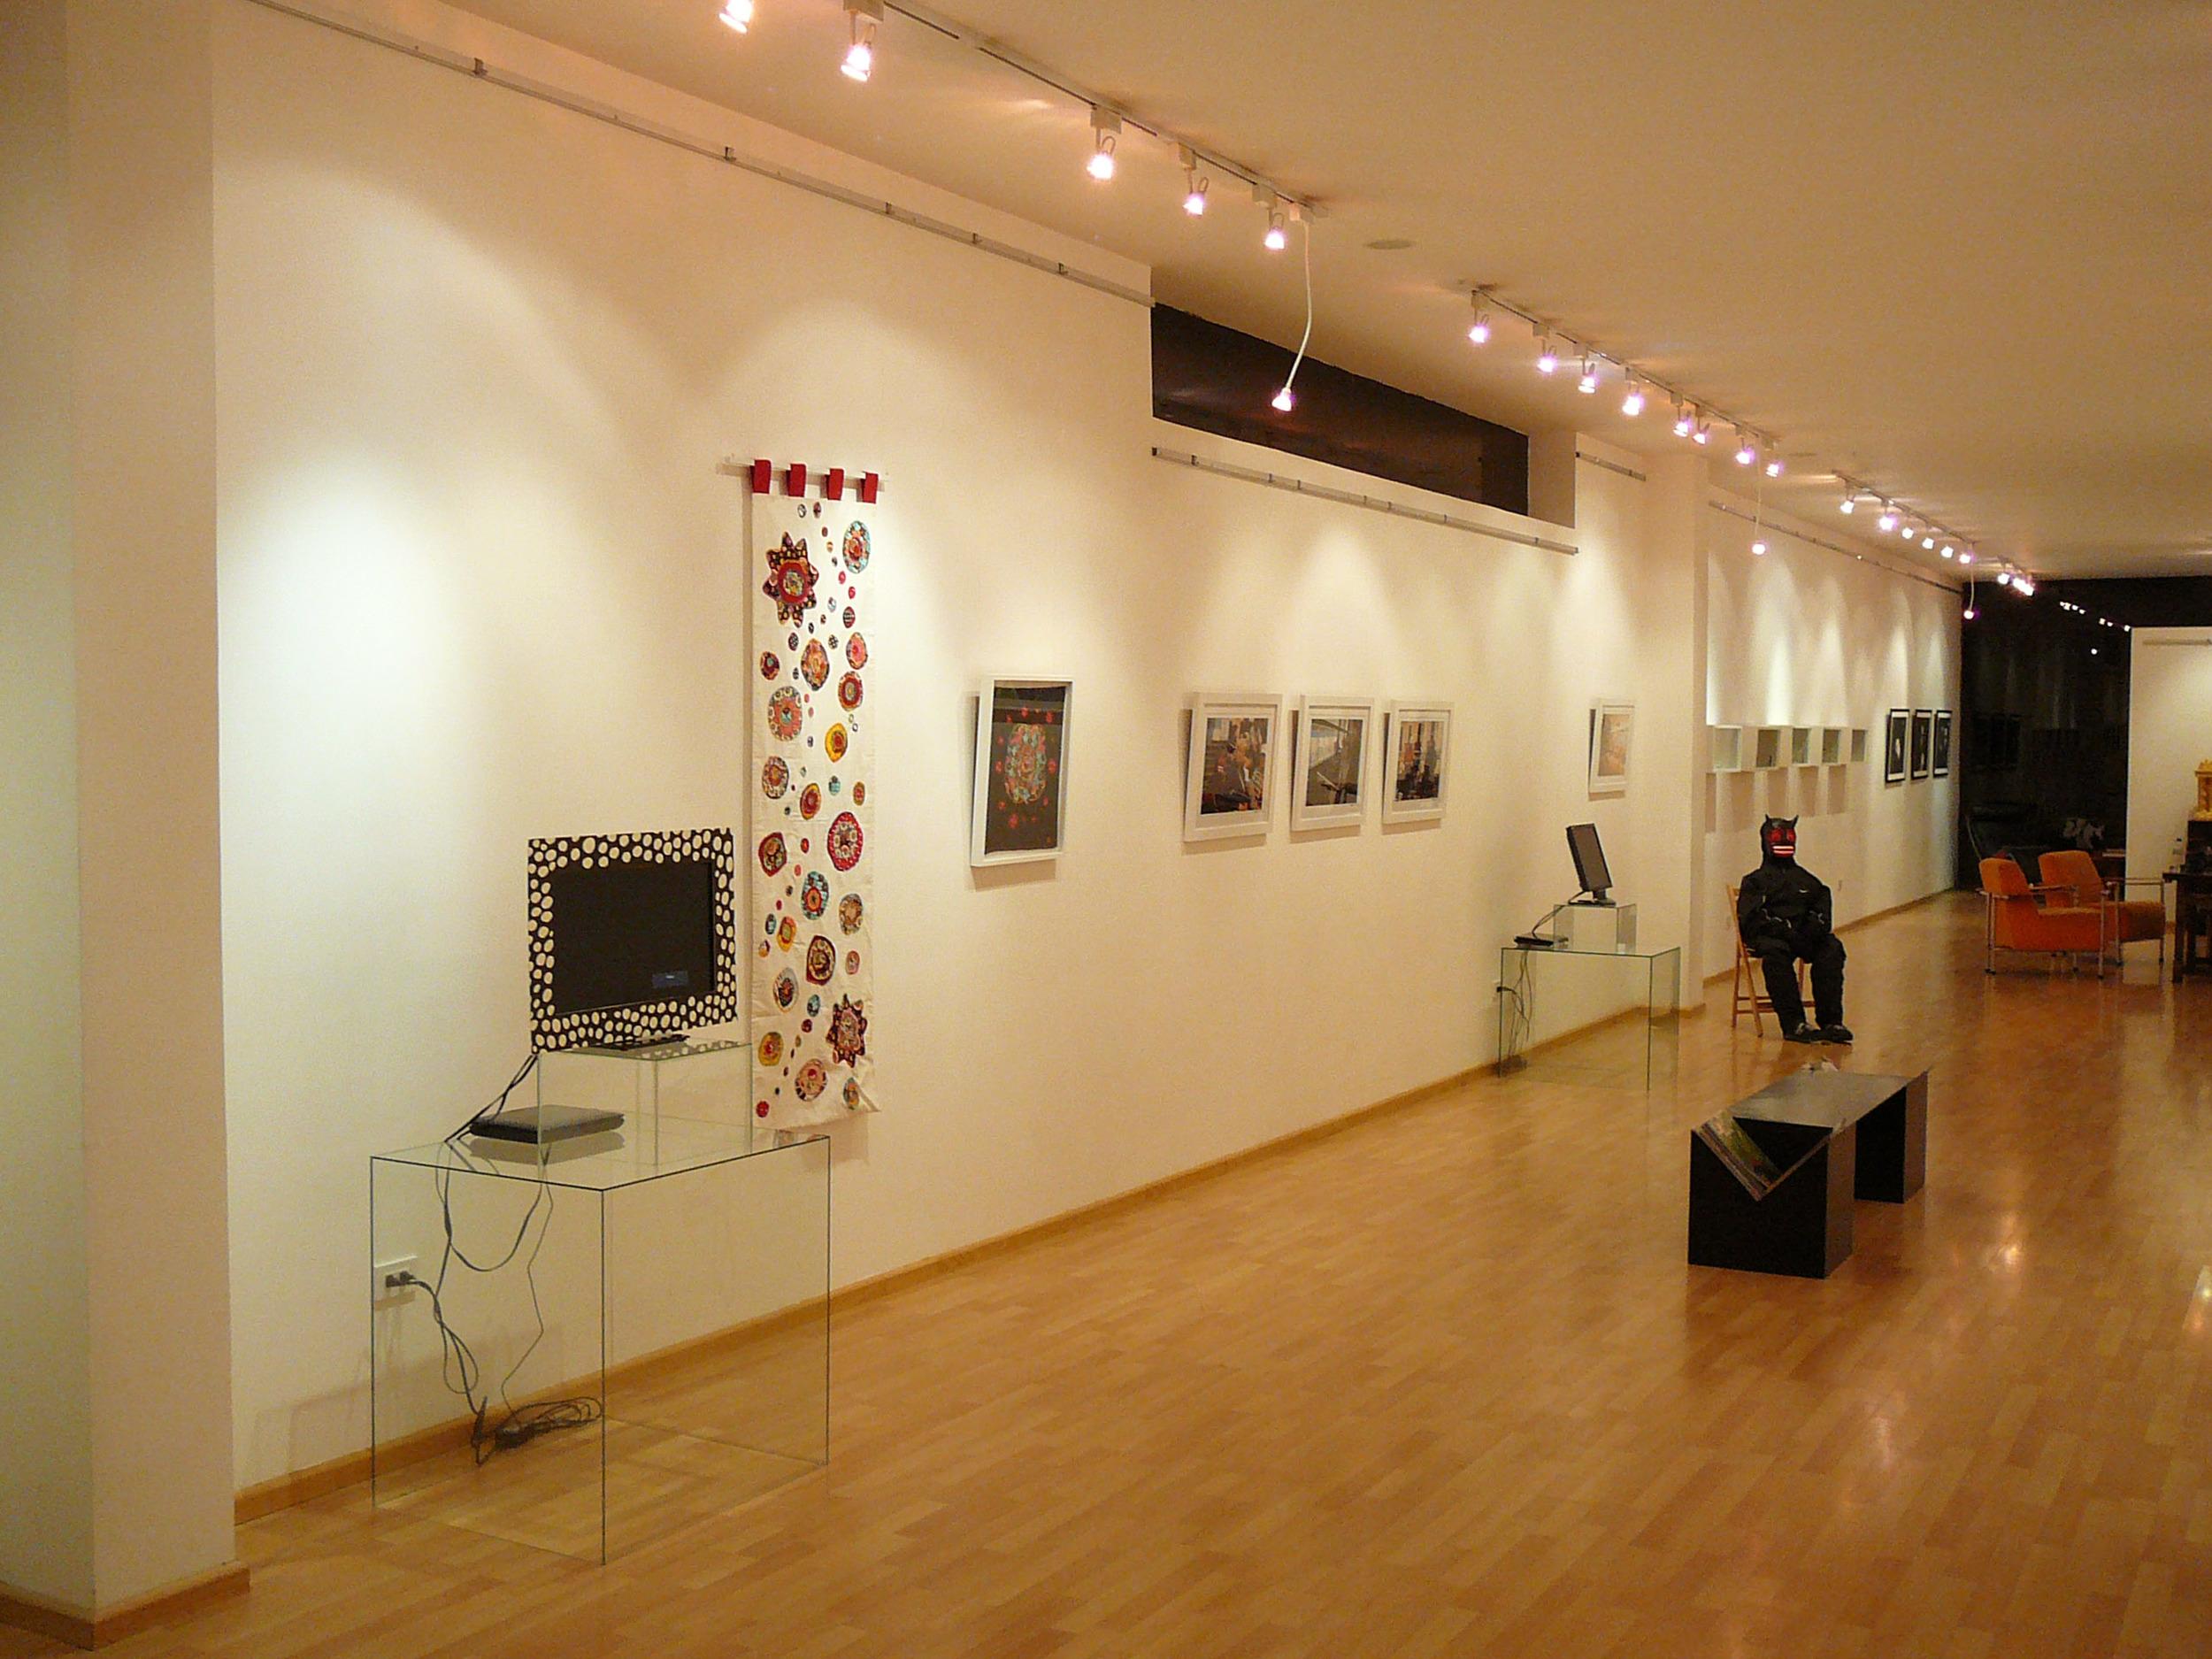 Expo de aniversario sept 20 2012 009.JPG